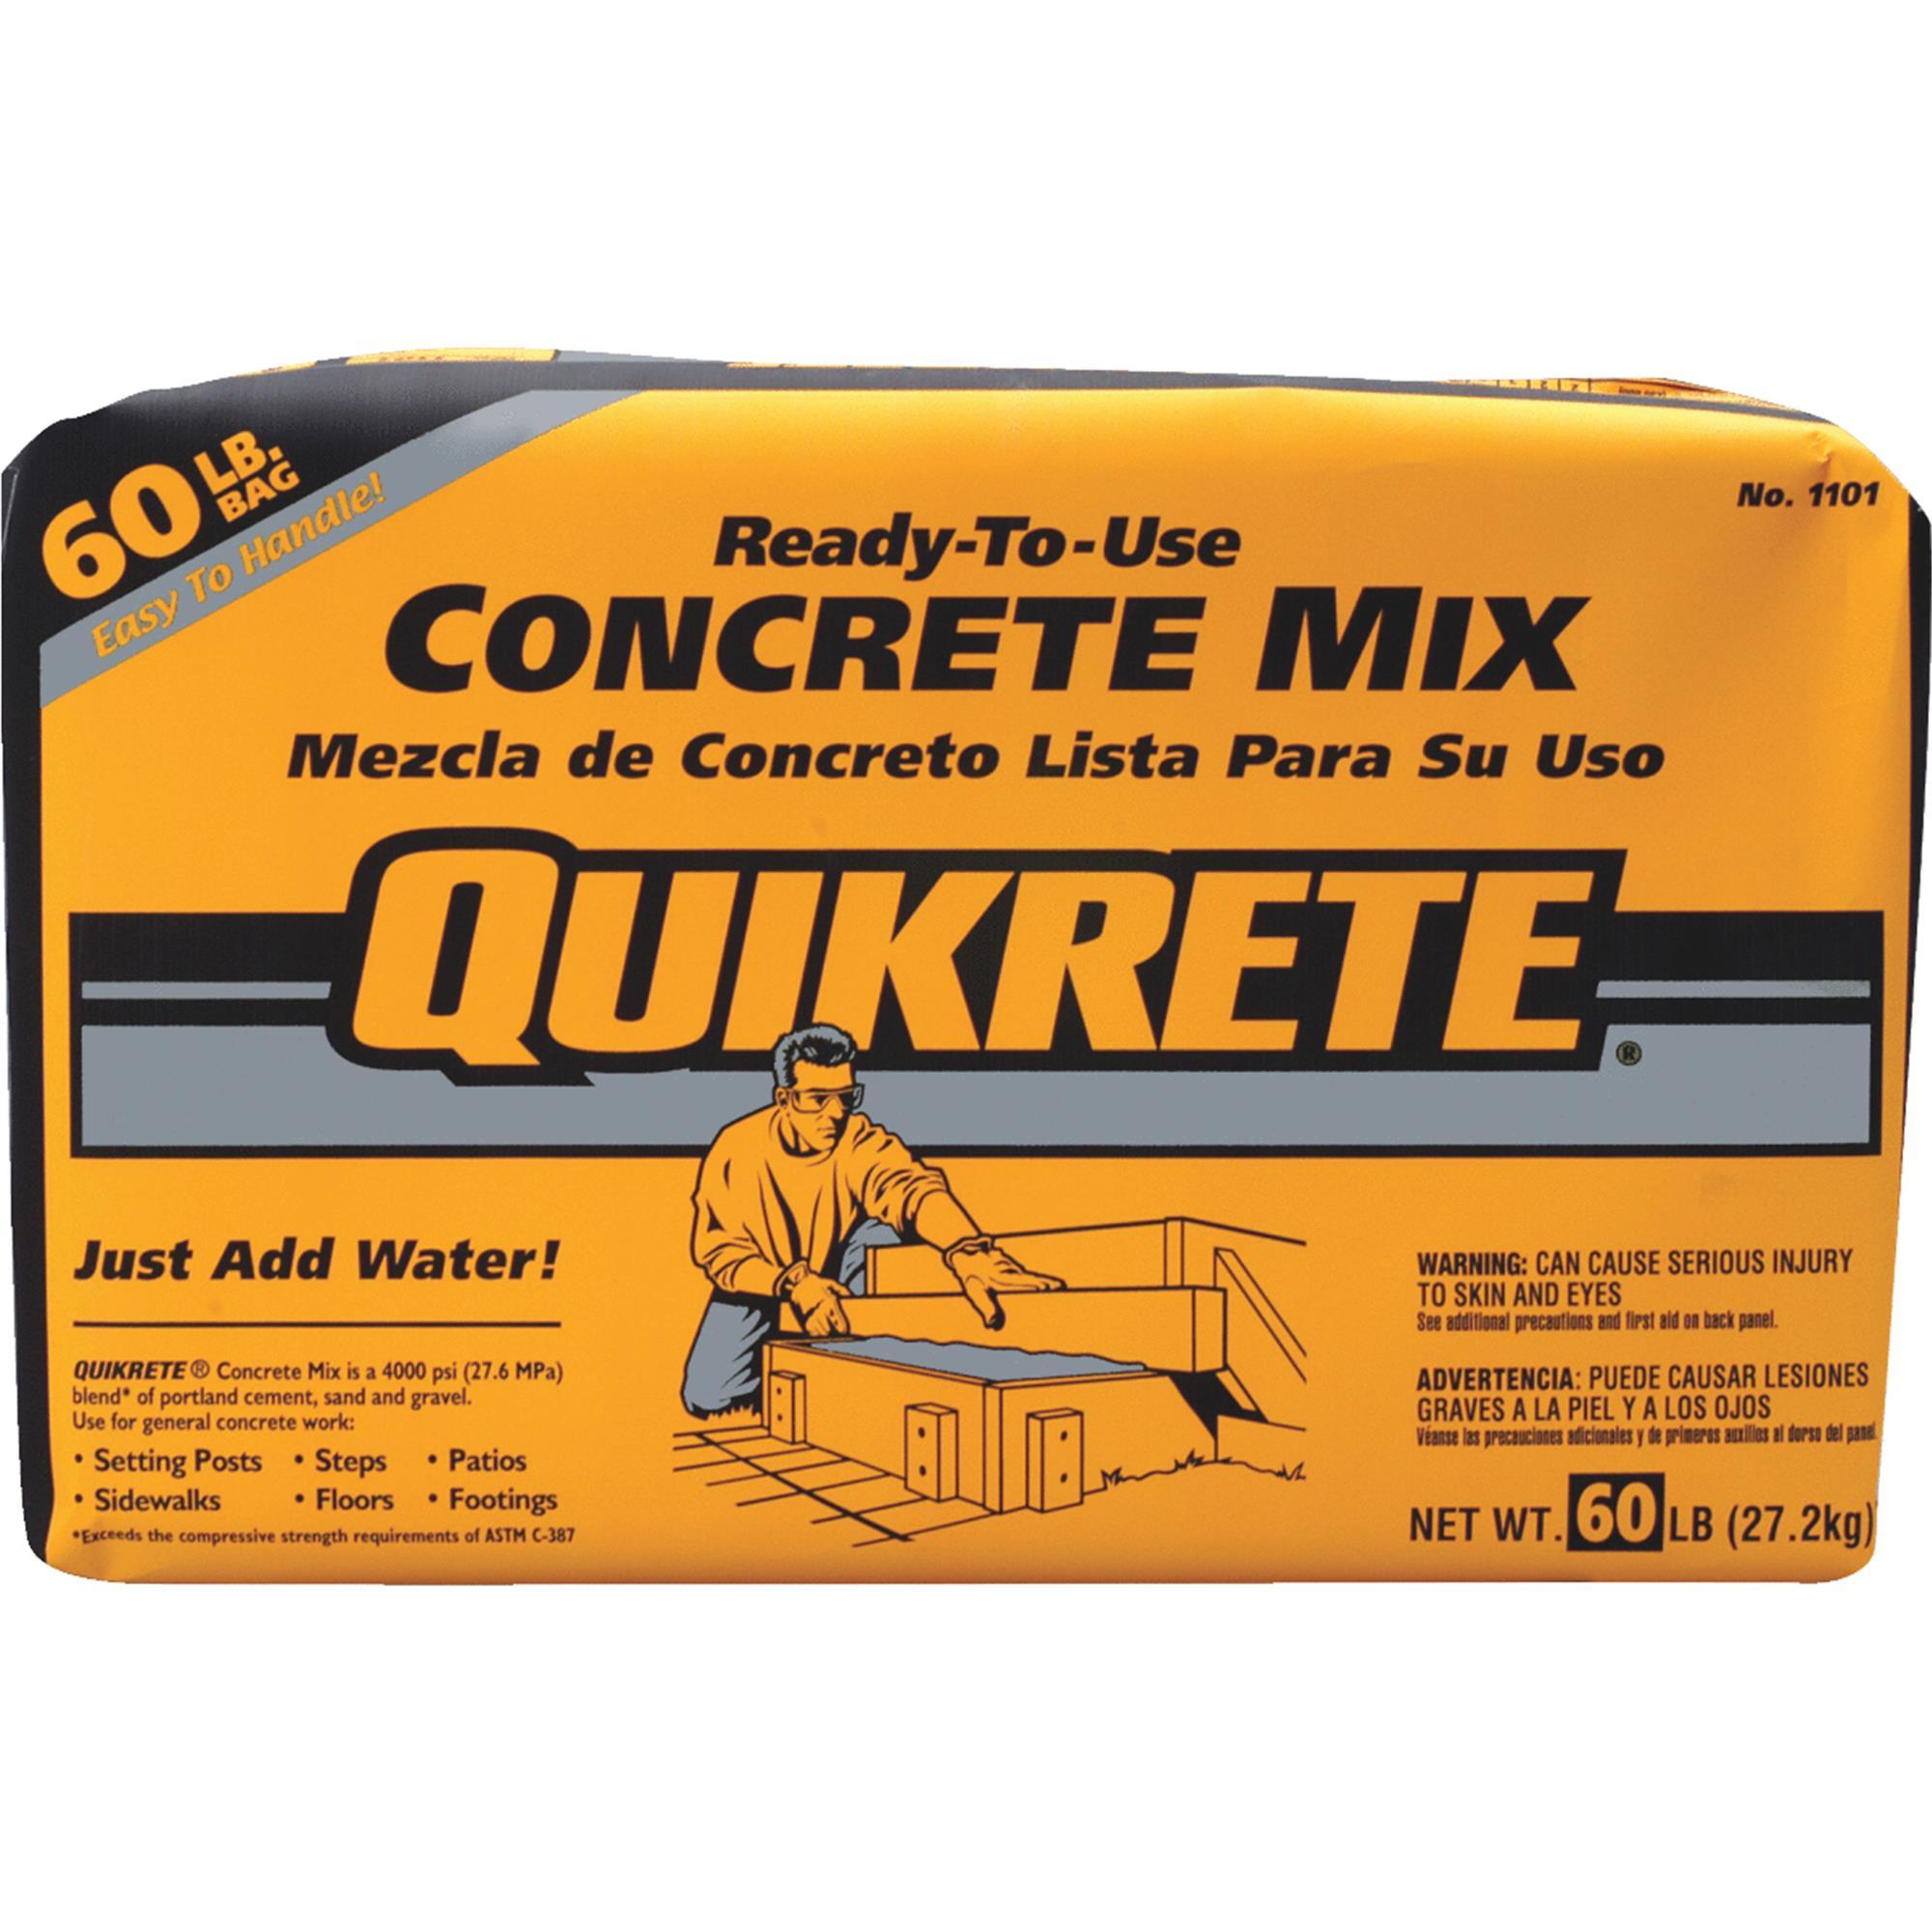 Quikrete Concrete Mix by Quikrete Companies